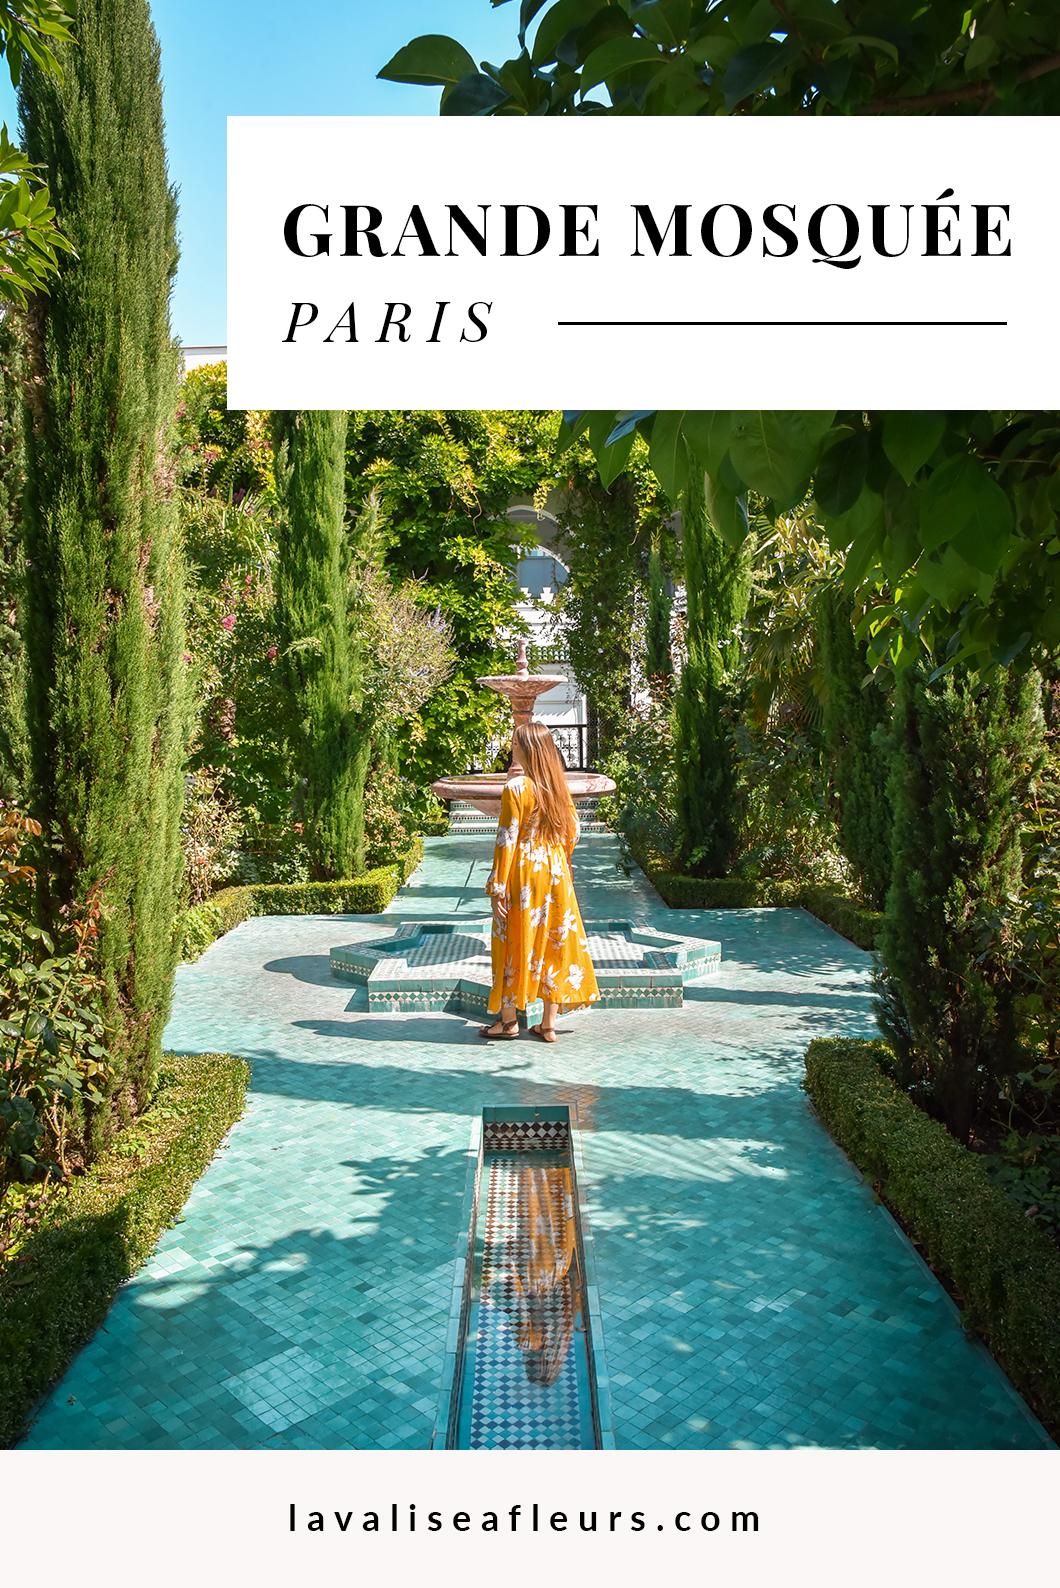 Visiter la Grande Mosquée de Paris, activité insolite